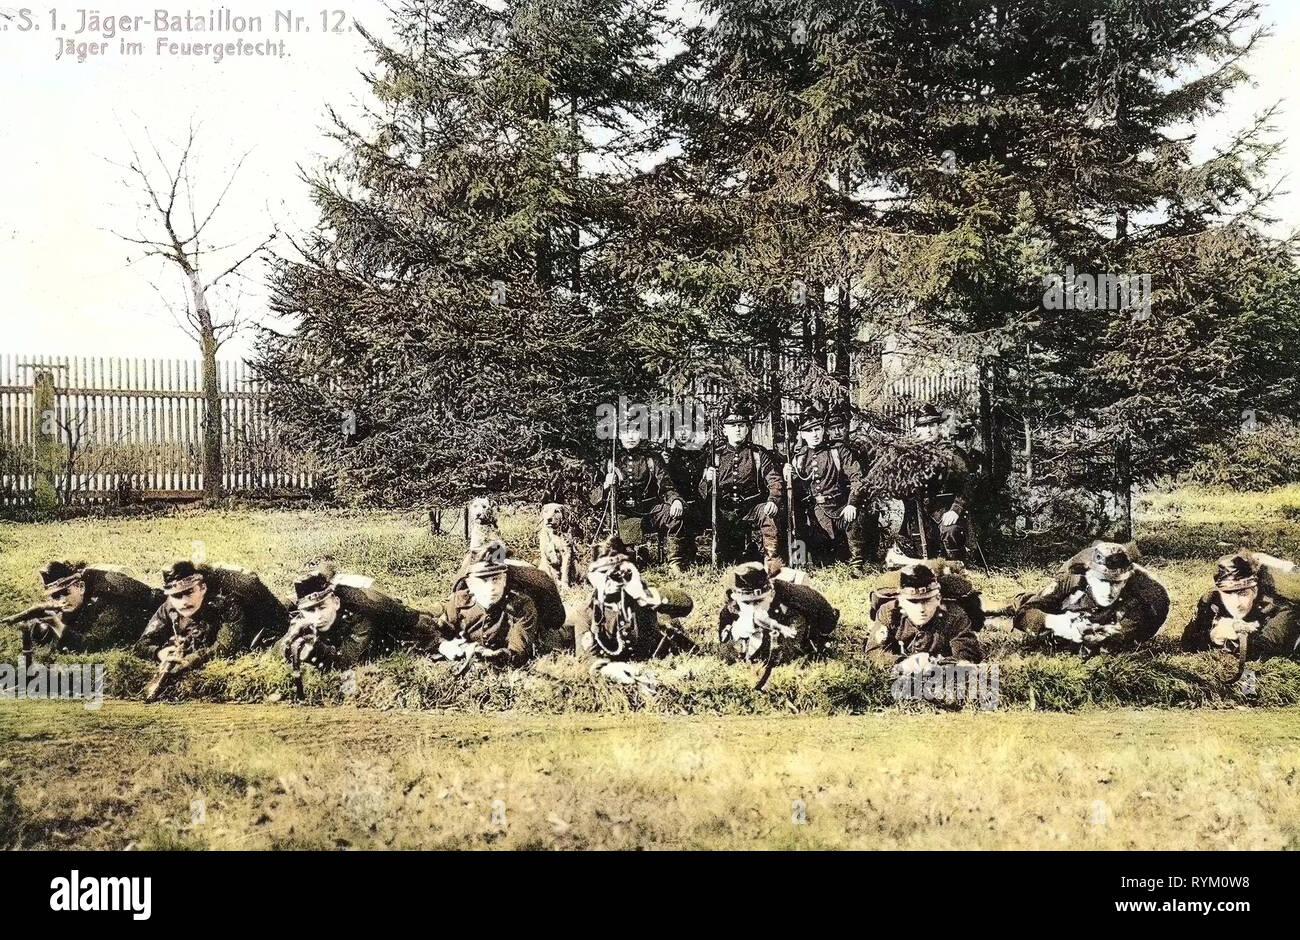 Shooting ranges in Germany, Use of weapons, Military working dogs of Germany, 1. Königlich Sächsisches Jäger-Bataillon Nr. 12, 1906, Landkreis Mittelsachsen, Freiberg, Jäger im Gefecht - Stock Image